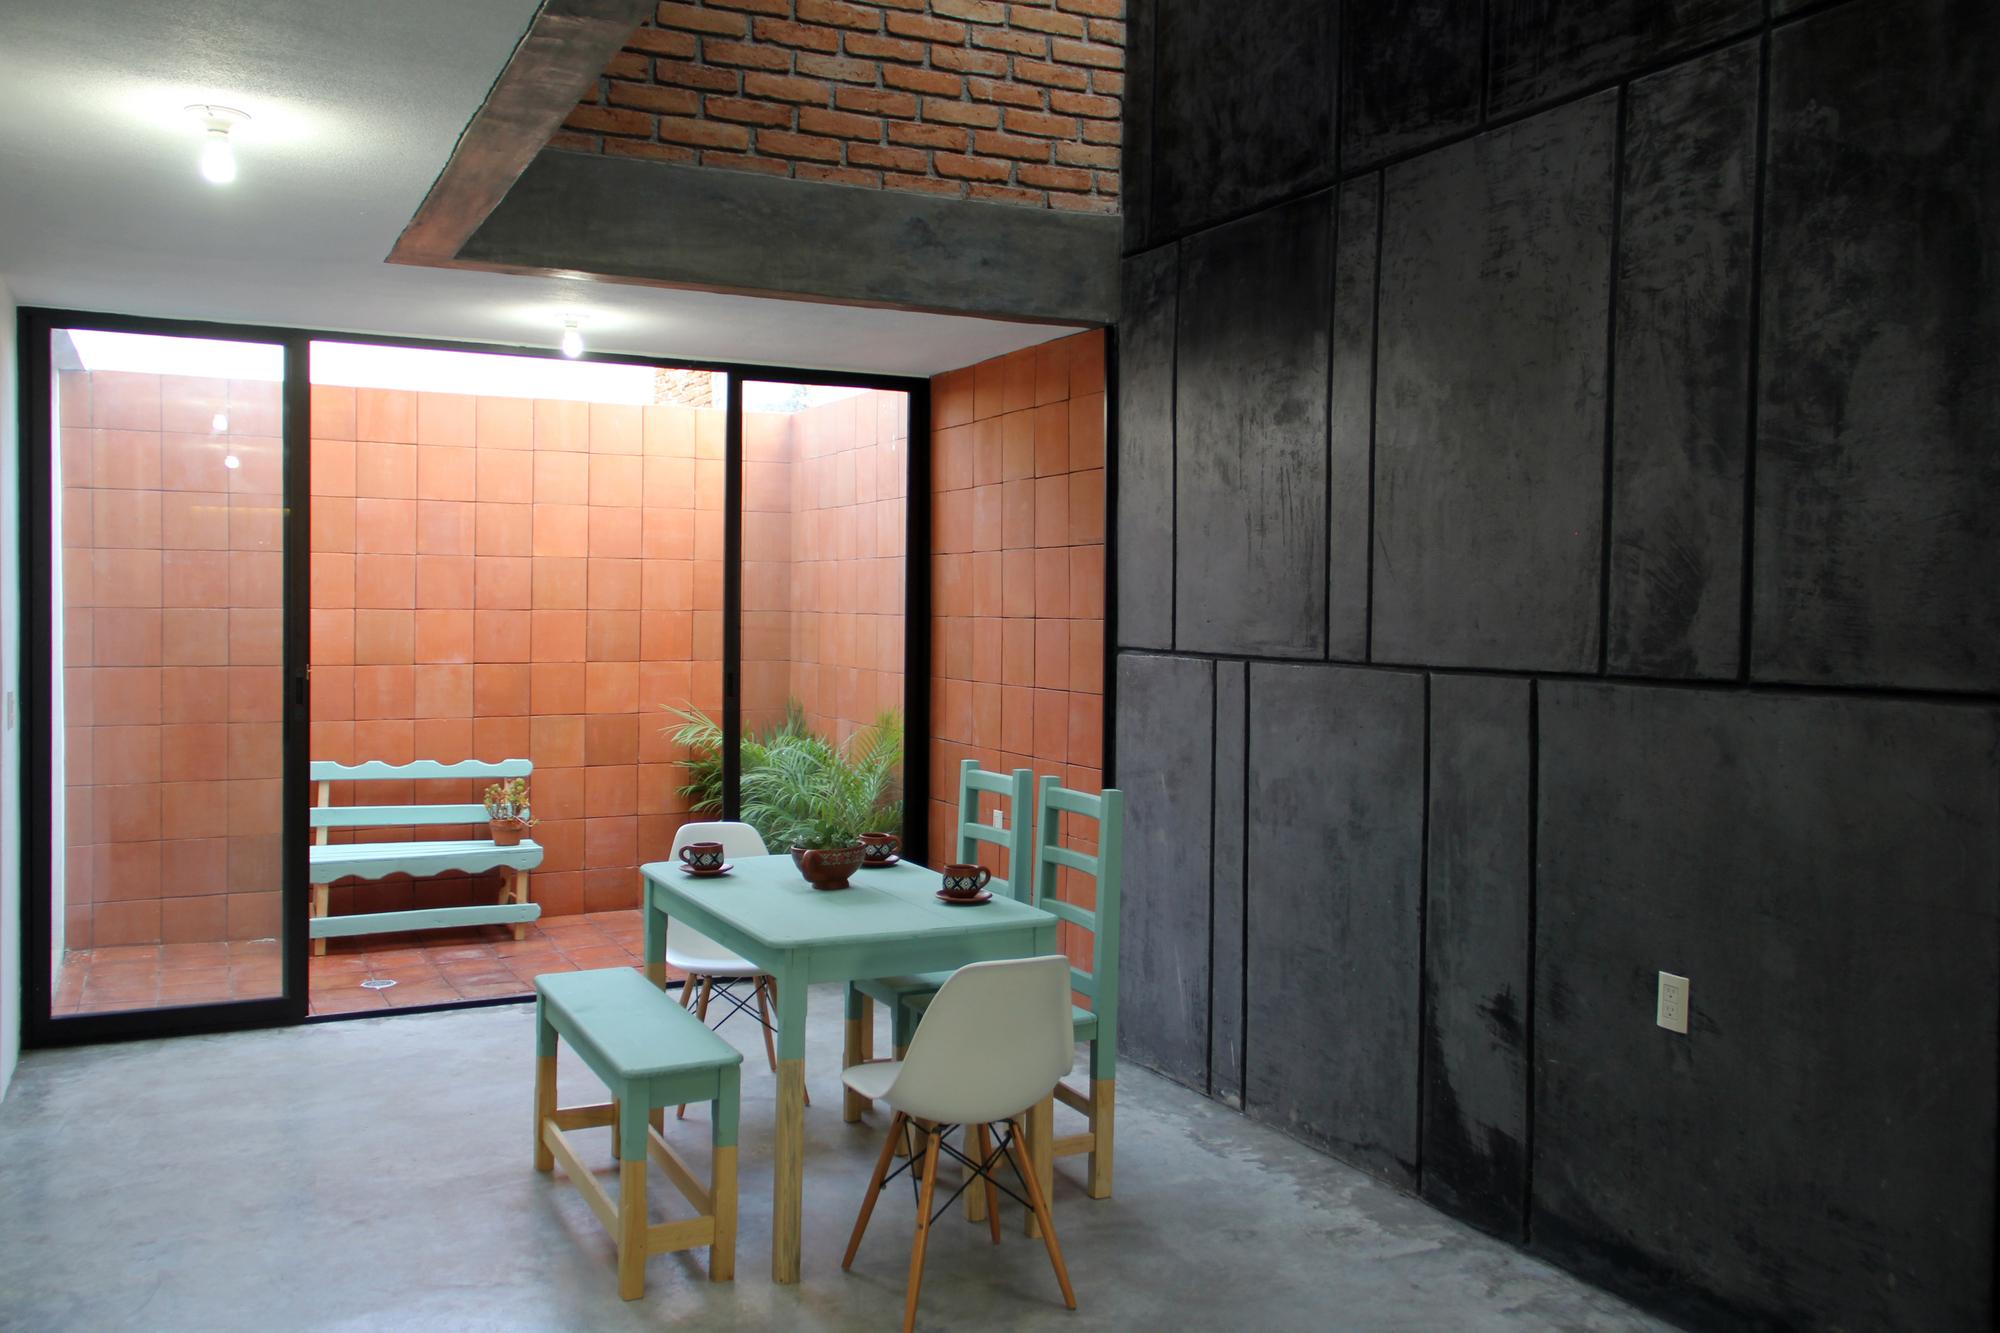 Galeria de resid ncia tadeo apaloosa estudio de for Estudio de arquitectura y diseno